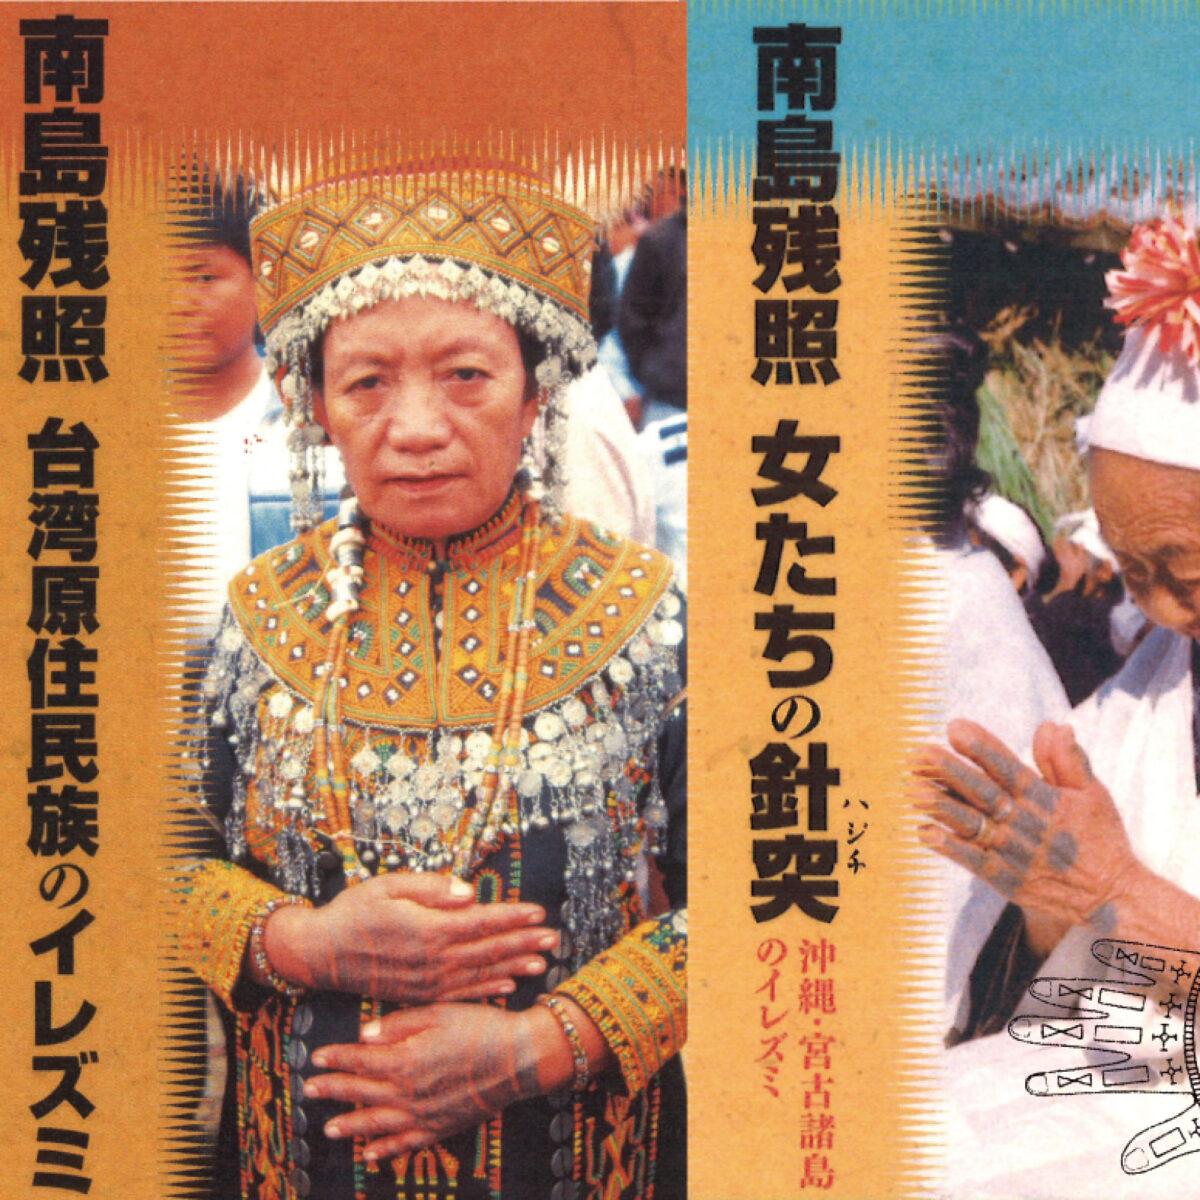 台湾と宮古島の刺青のドキュメンタリー映画二本立て上映